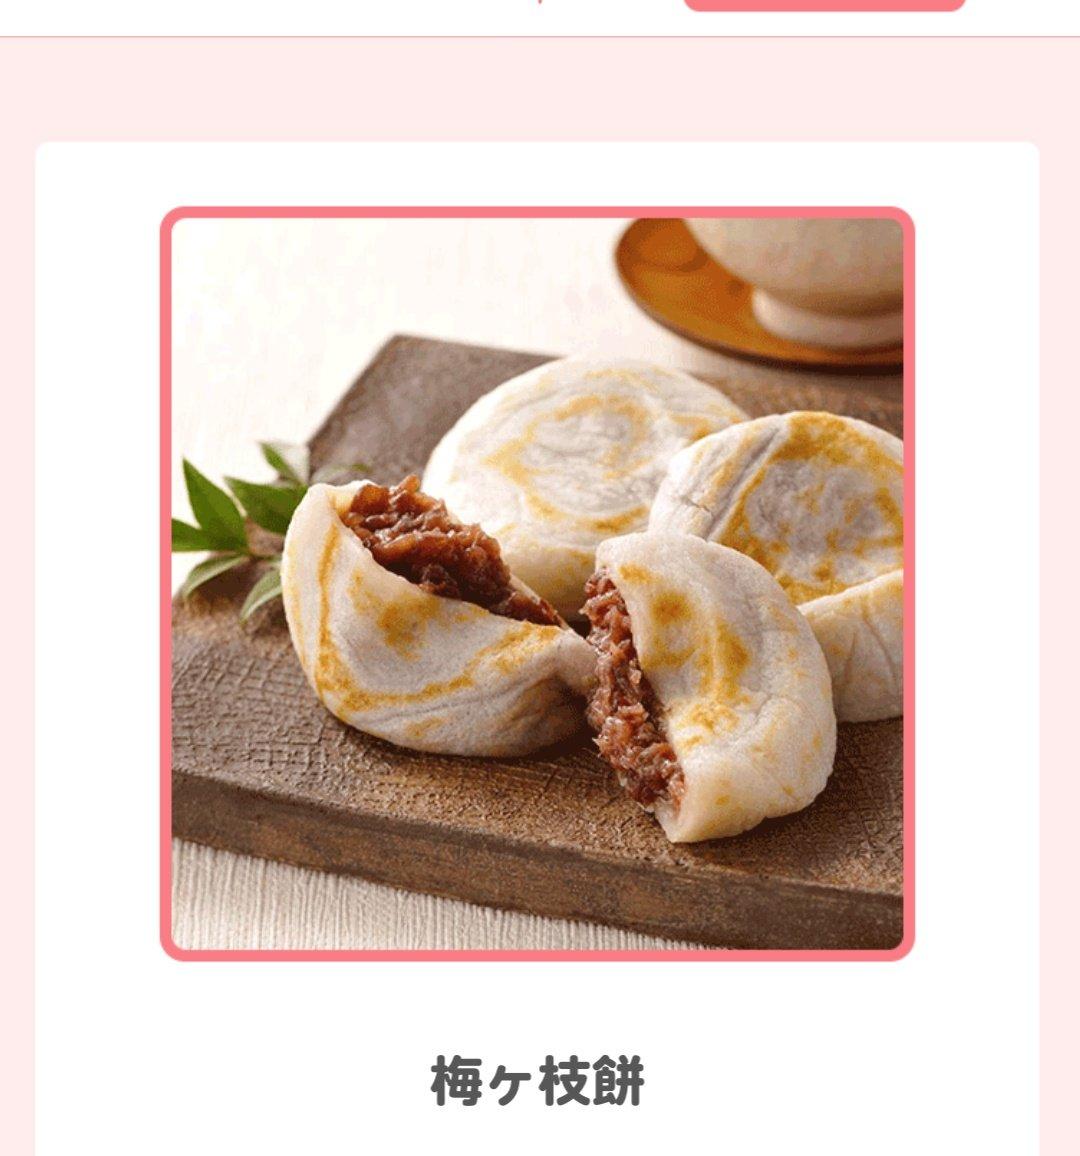 test ツイッターメディア - @quiz_PonQ  大宰府かさの家様から頂いた「梅ヶ枝餅」 15時のおやつ☕温めて食べてみました。レンジで温め過ぎて2個くっついちゃった😰レンジよりもトーストの方がいいかも😞粒あんたっぷり美味しかったです! https://t.co/Nz3a2uGVbg